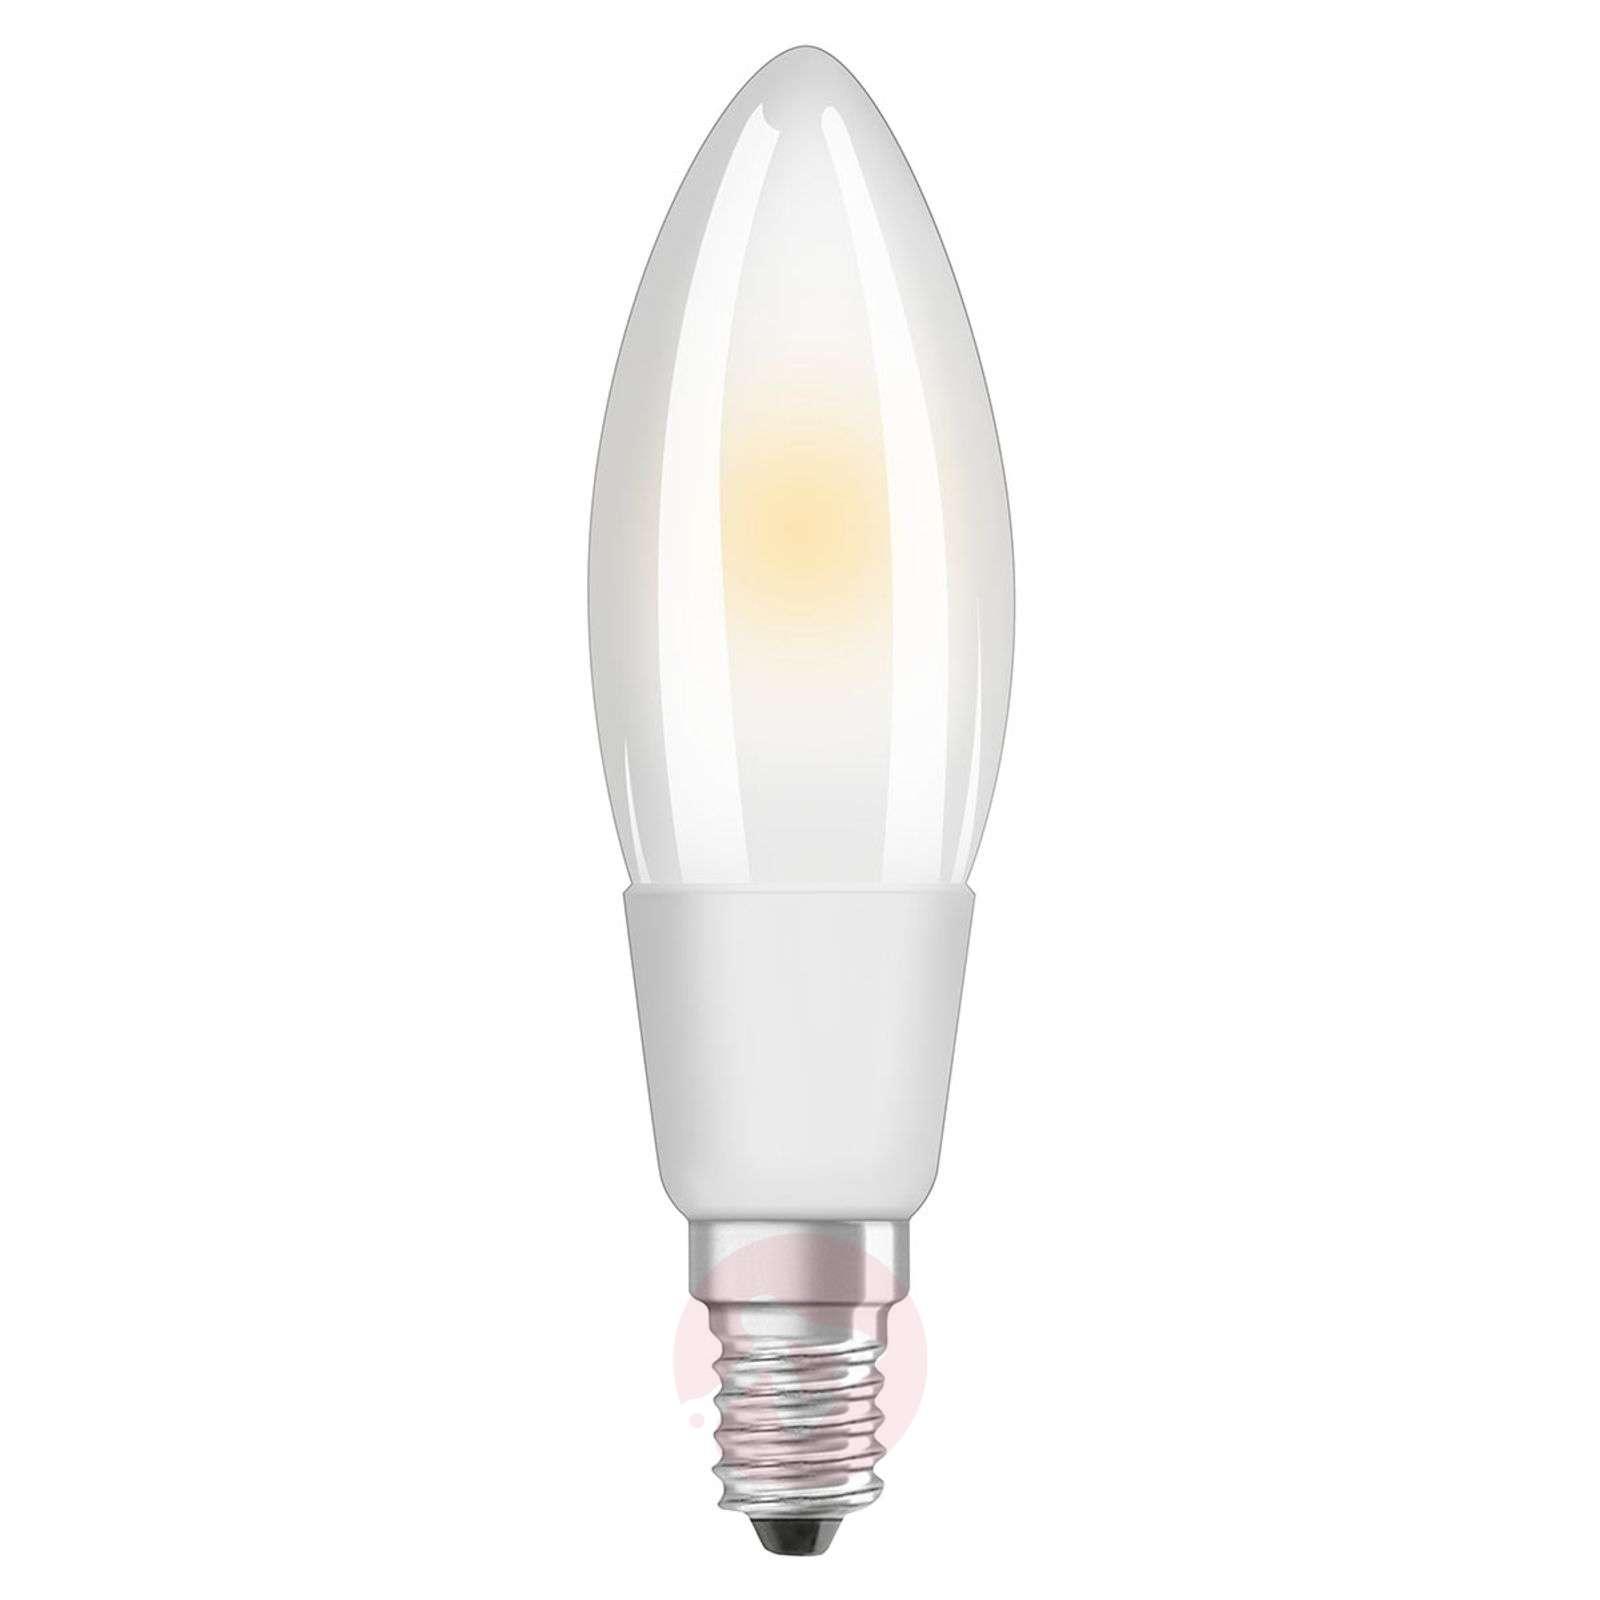 LED-kynttilälamppu E14 6 W, lämmin valkoinen-7262021-04